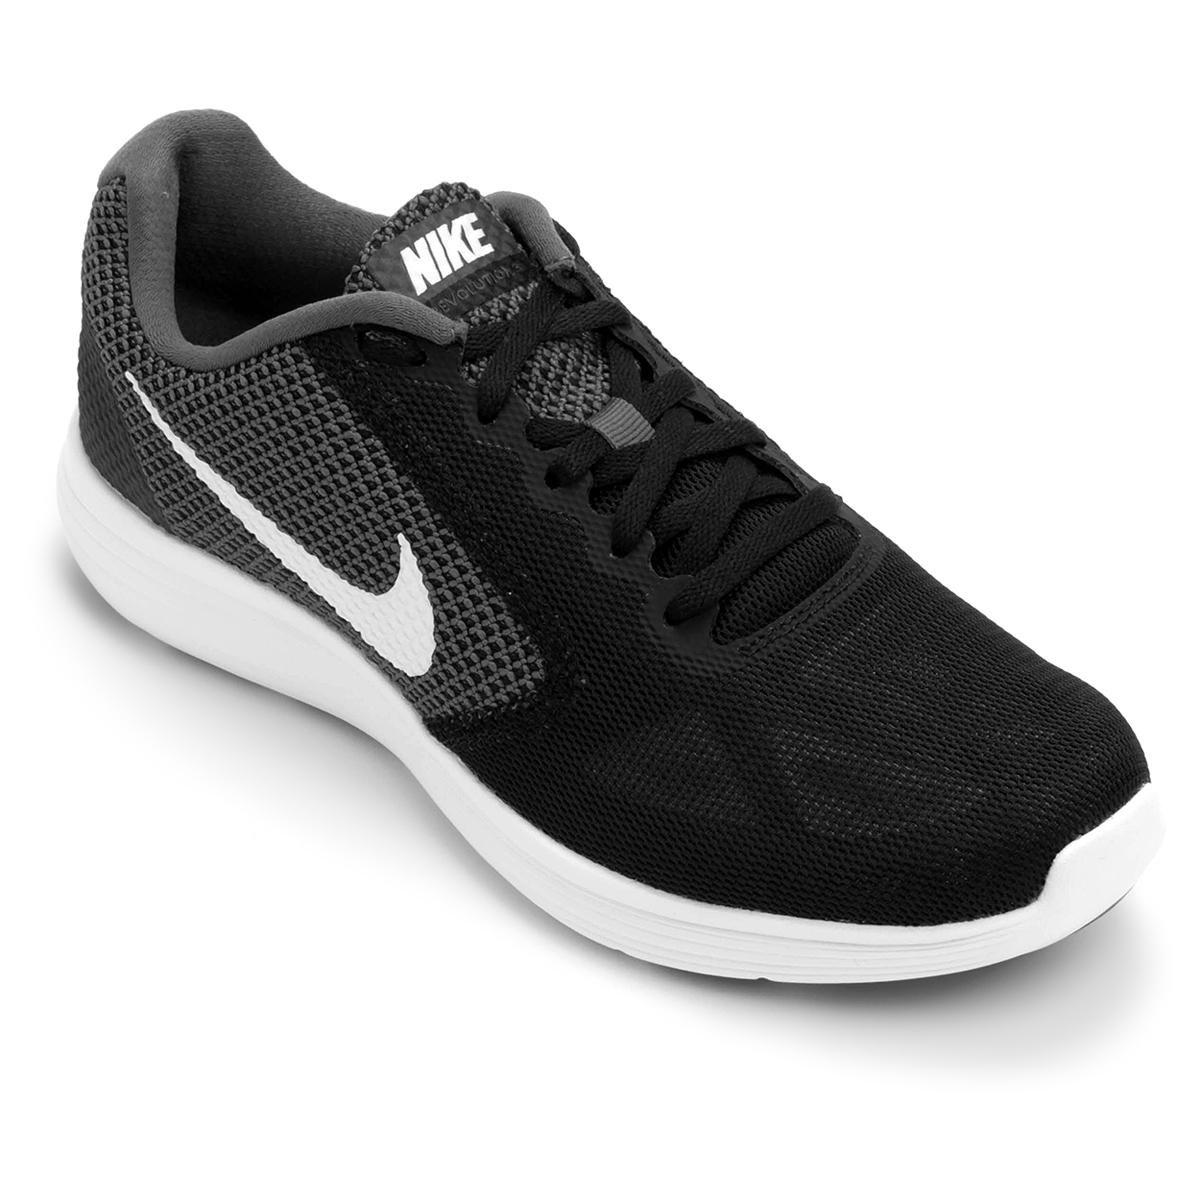 Tênis Nike Revolution 3 Masculino - Preto e Cinza - Compre Agora ... 55ce4d68f4093